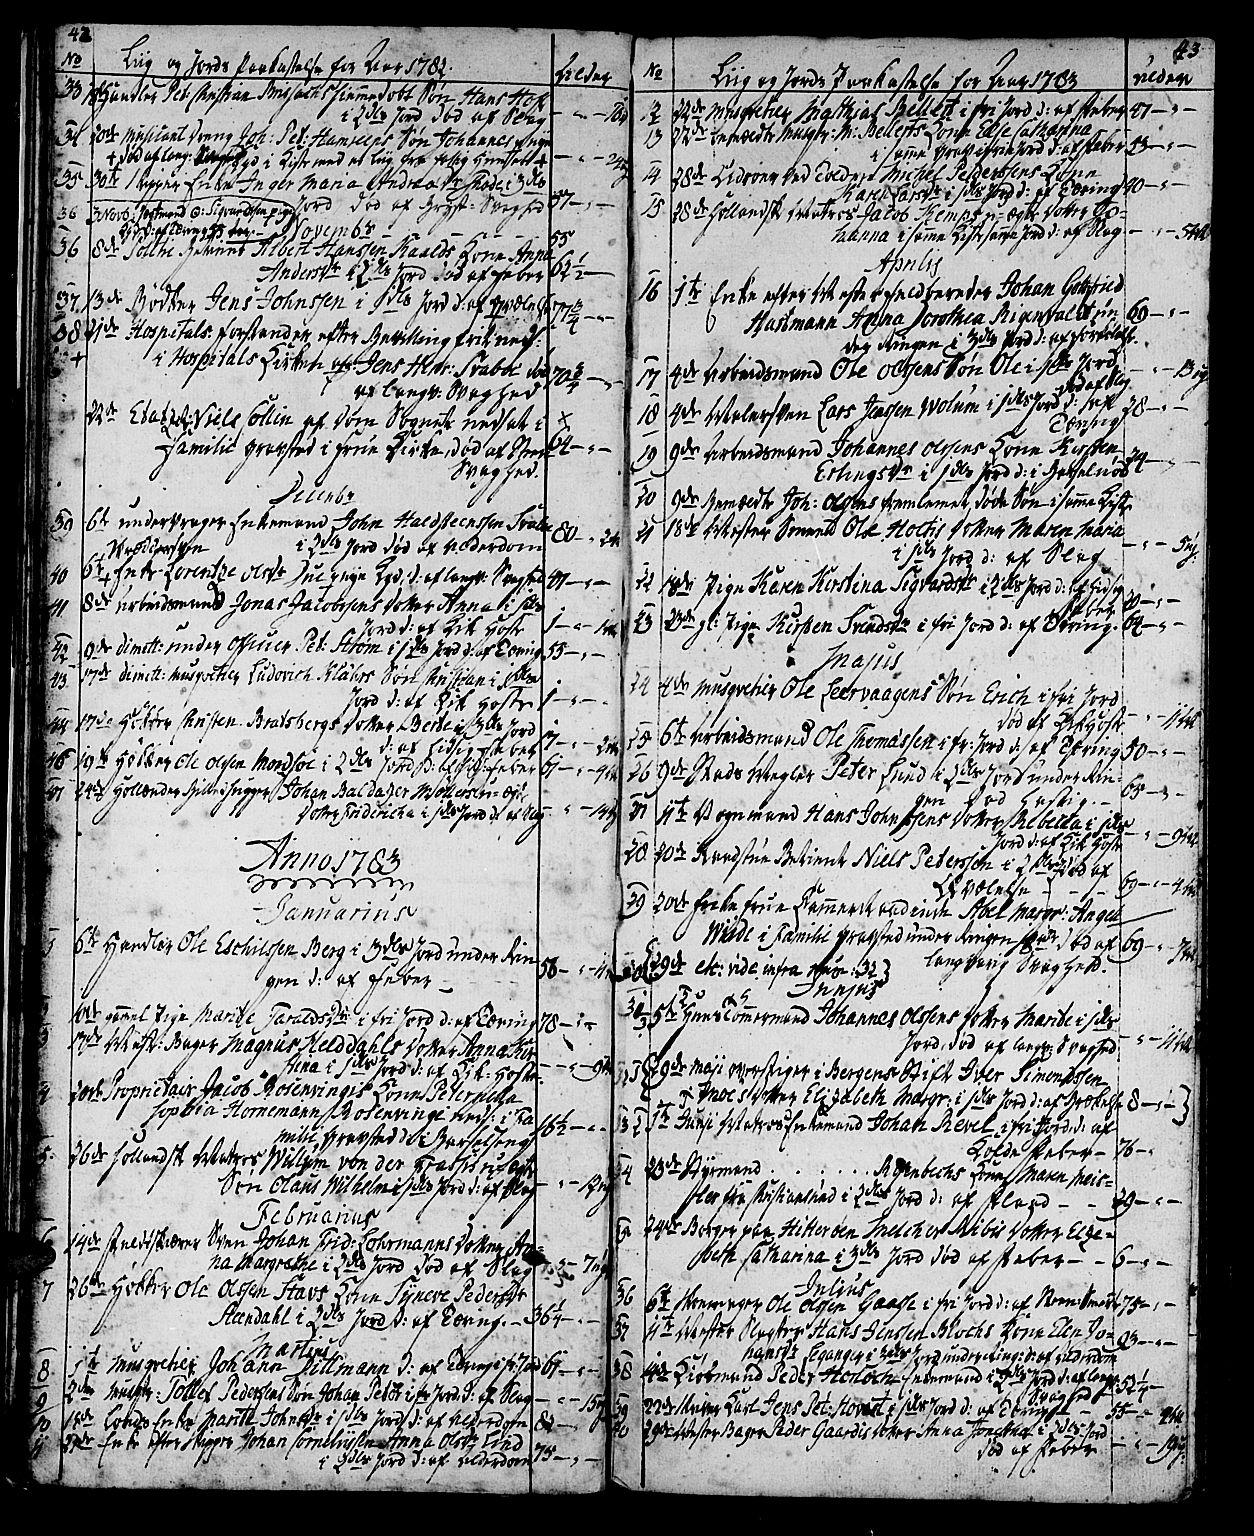 SAT, Ministerialprotokoller, klokkerbøker og fødselsregistre - Sør-Trøndelag, 602/L0134: Klokkerbok nr. 602C02, 1759-1812, s. 42-43